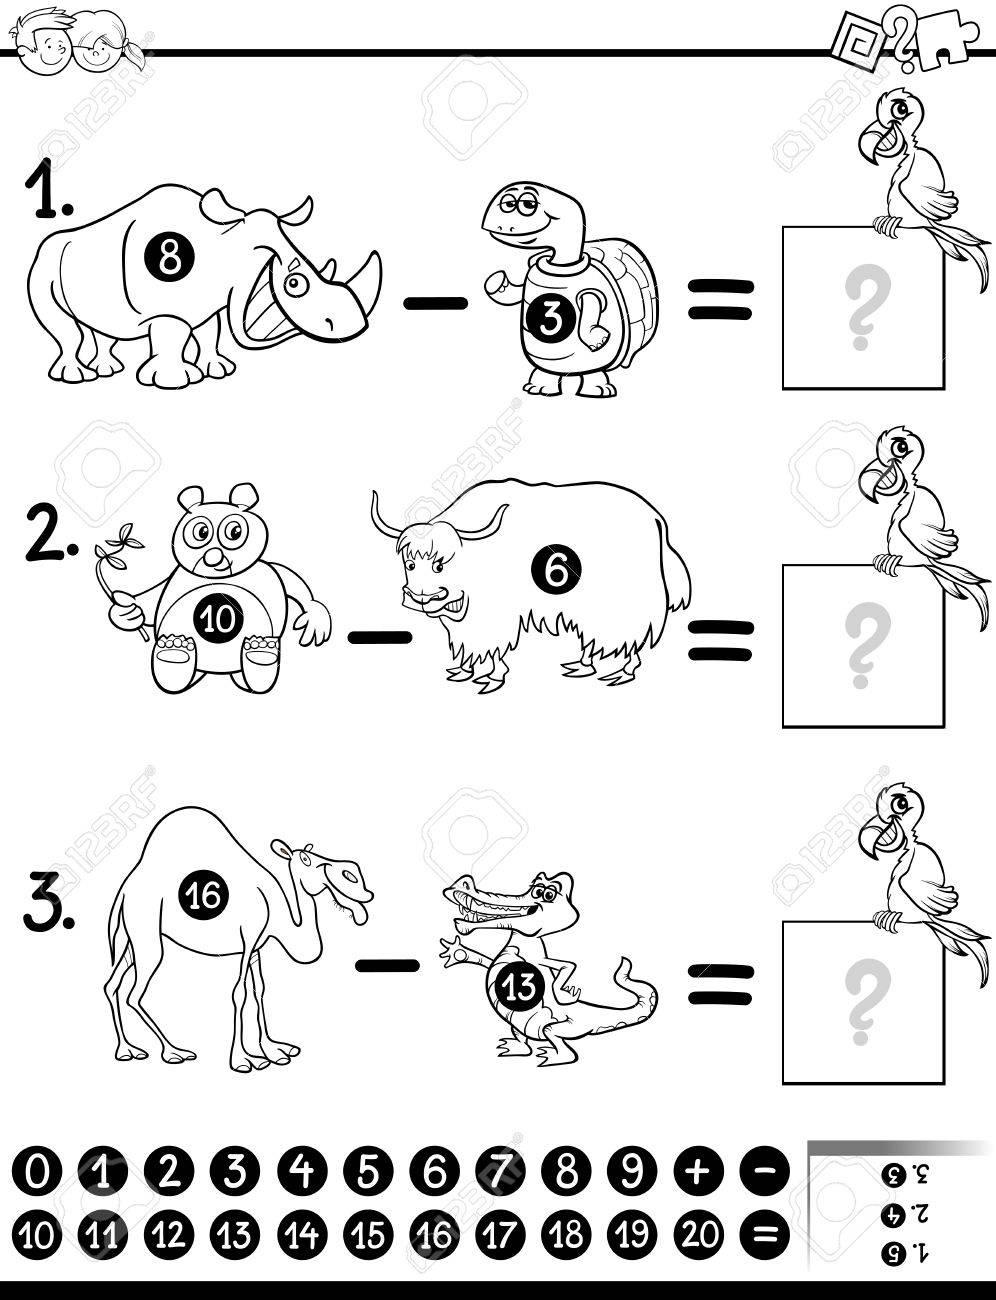 Ilustración De Dibujos Animados En Blanco Y Negro De La Educación